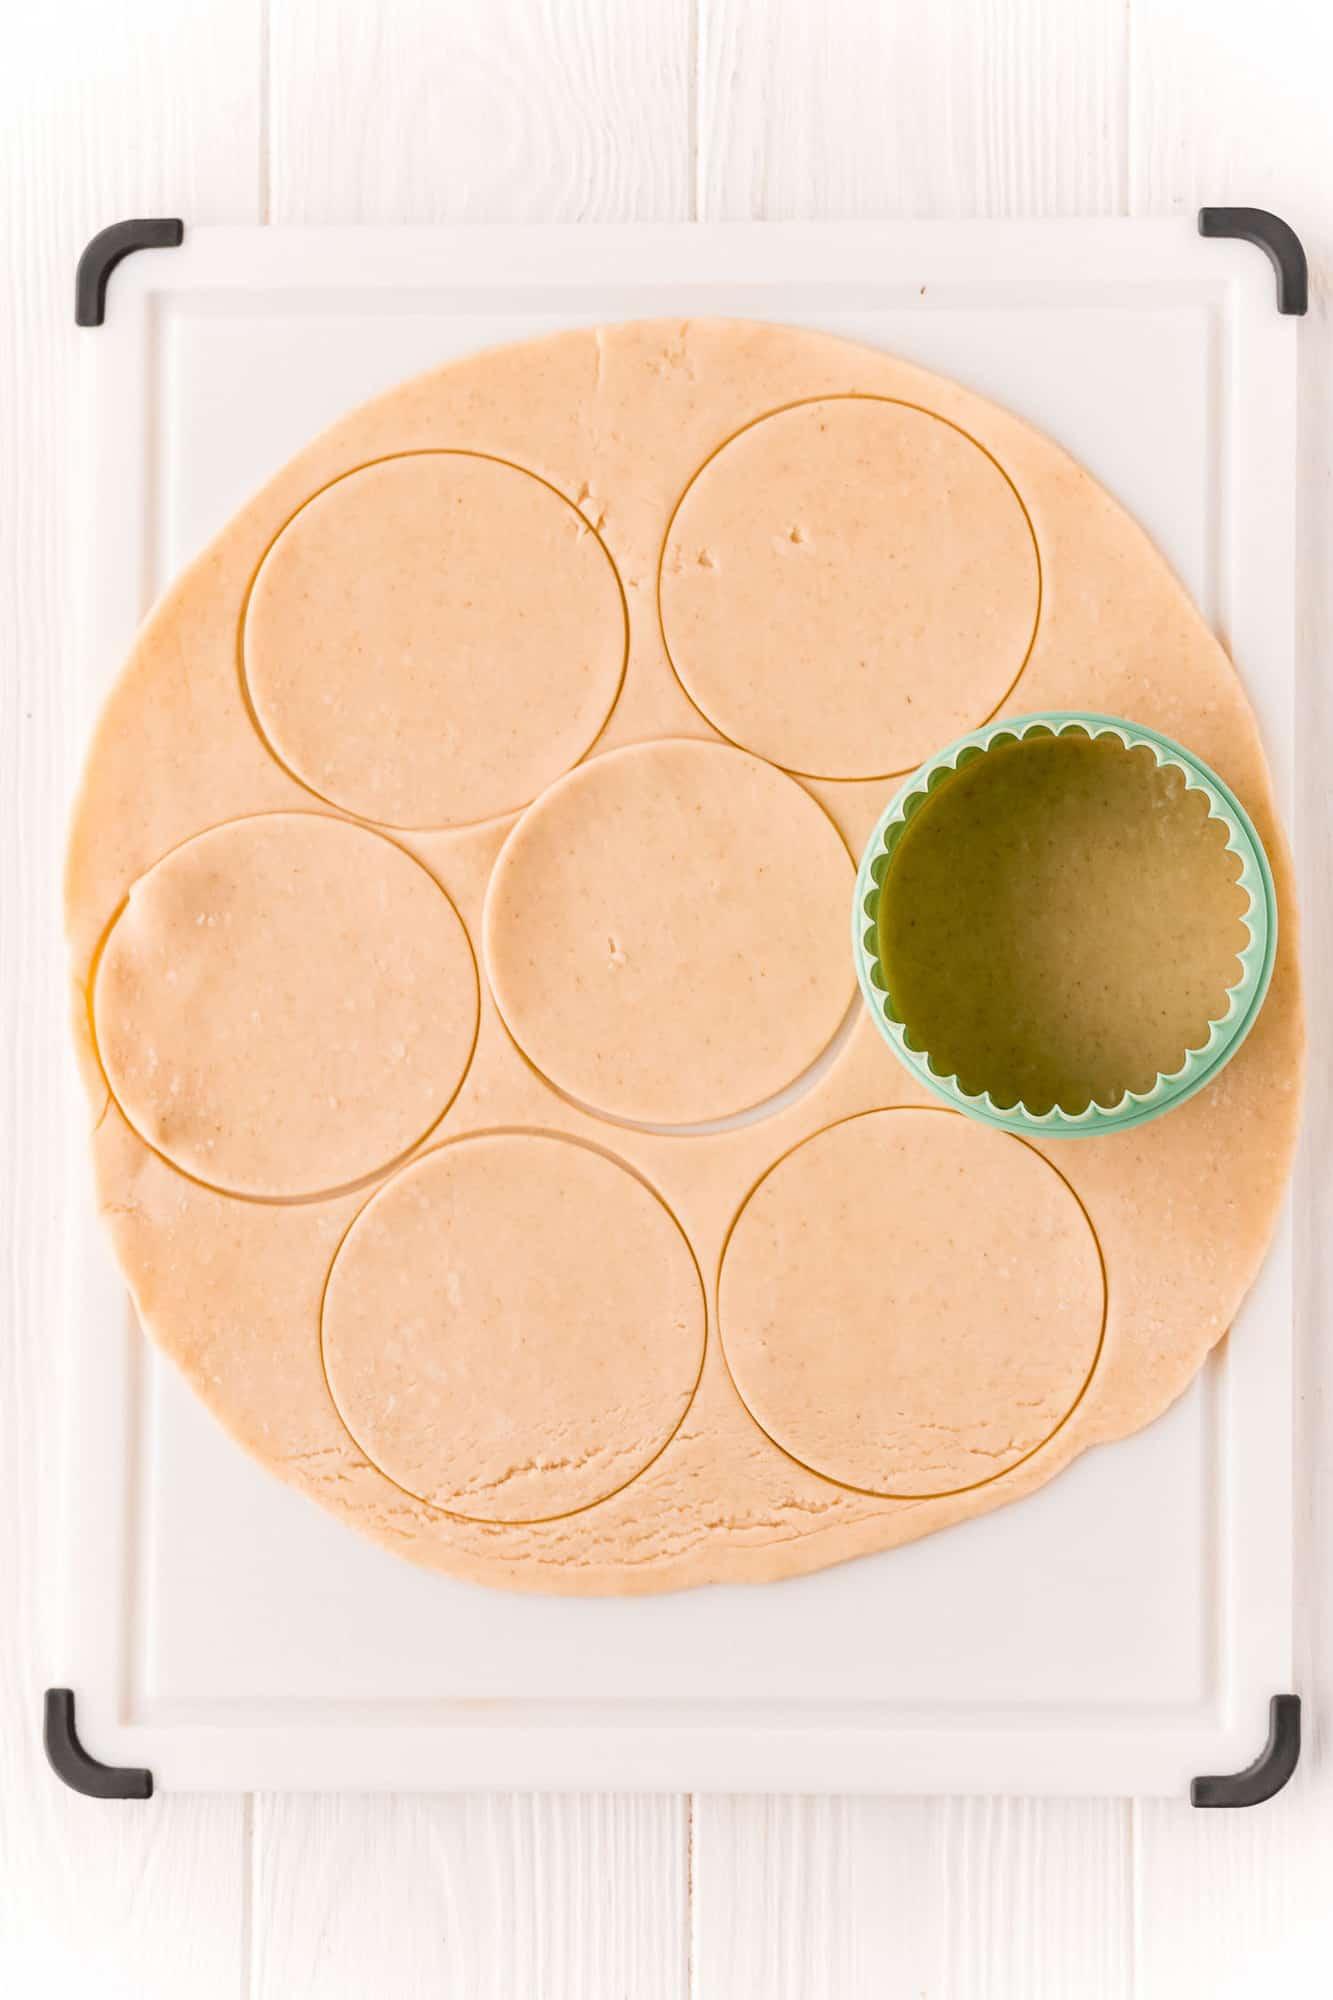 Biscuit cutter cutting a pie crust into circles.